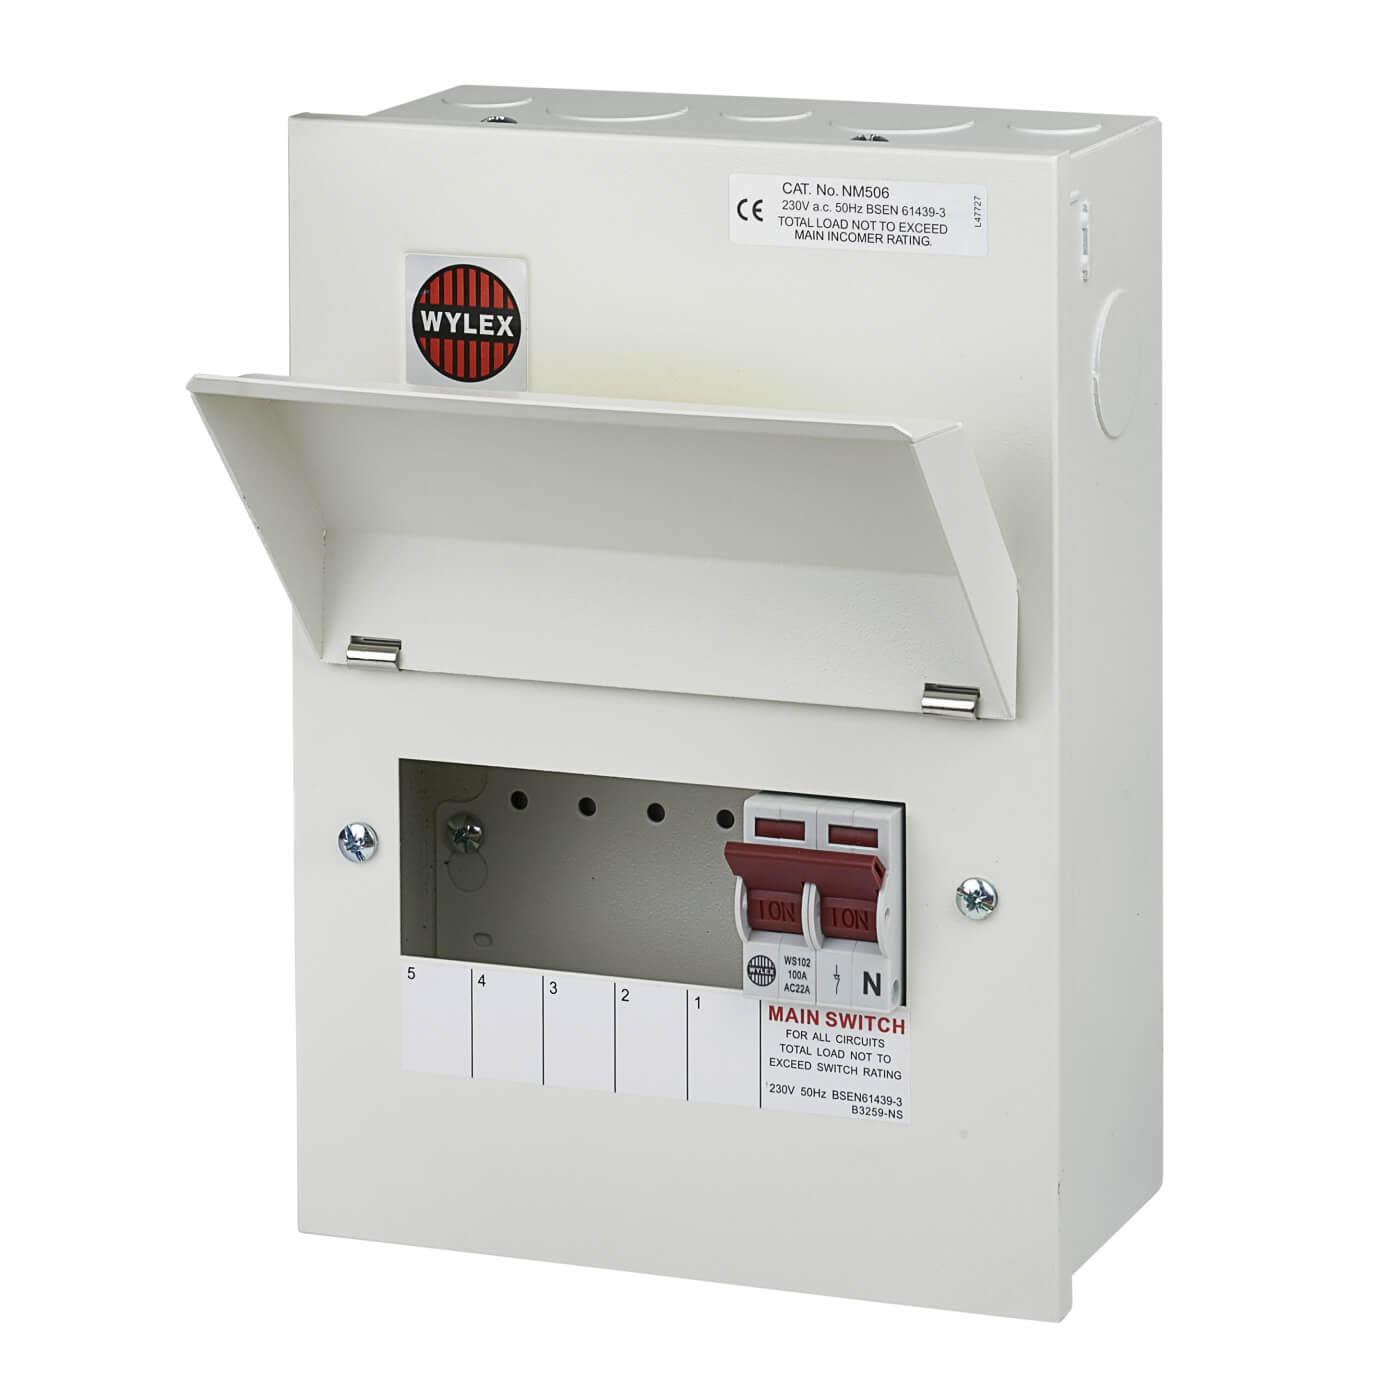 Wylex 5 Way 100A Main Switch Metal Consumer Unit - Amendment 3)